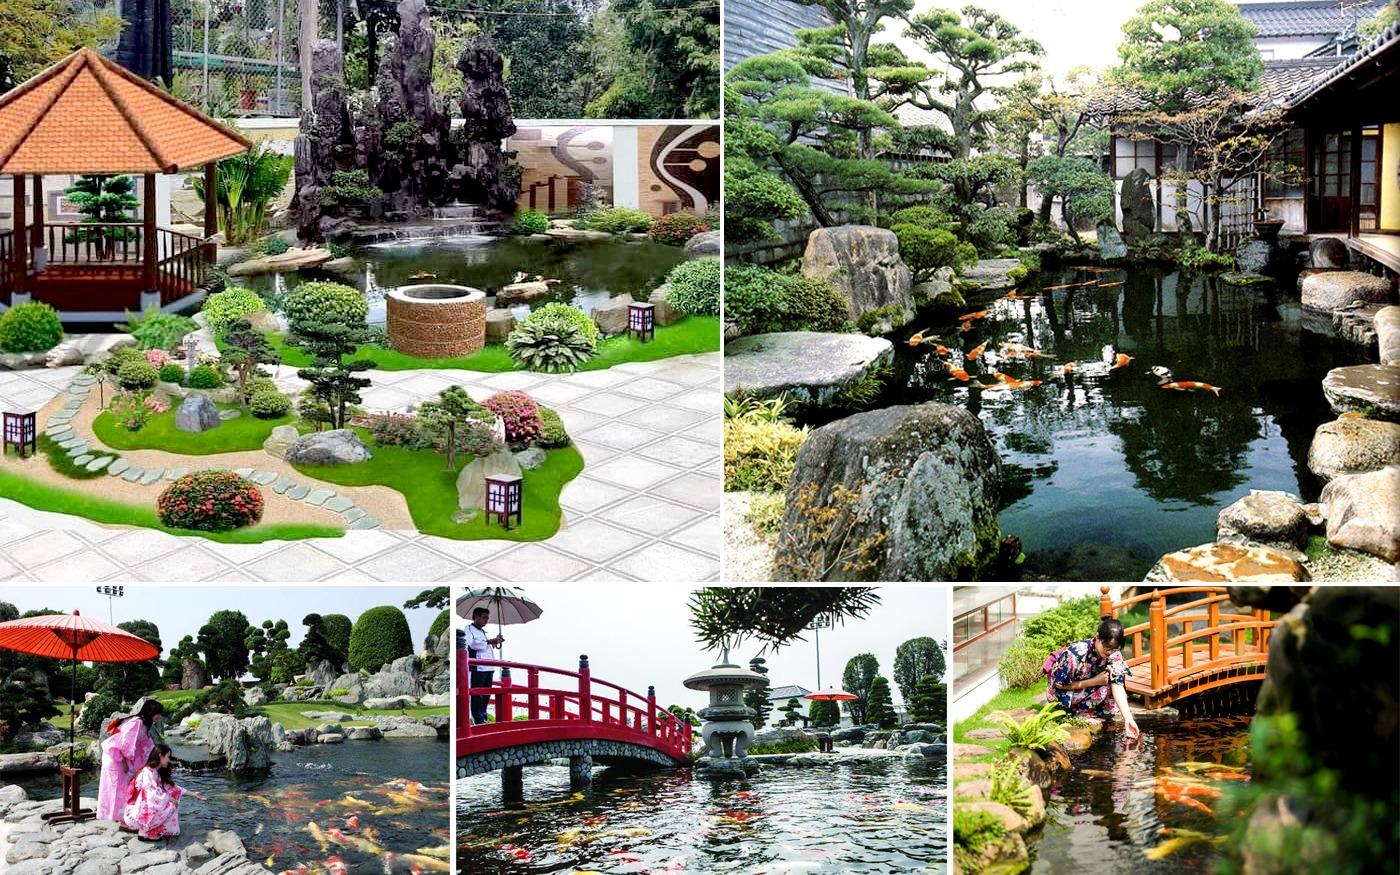 Hồ cá Koi trong phong cách sân vườn Nhật Bản